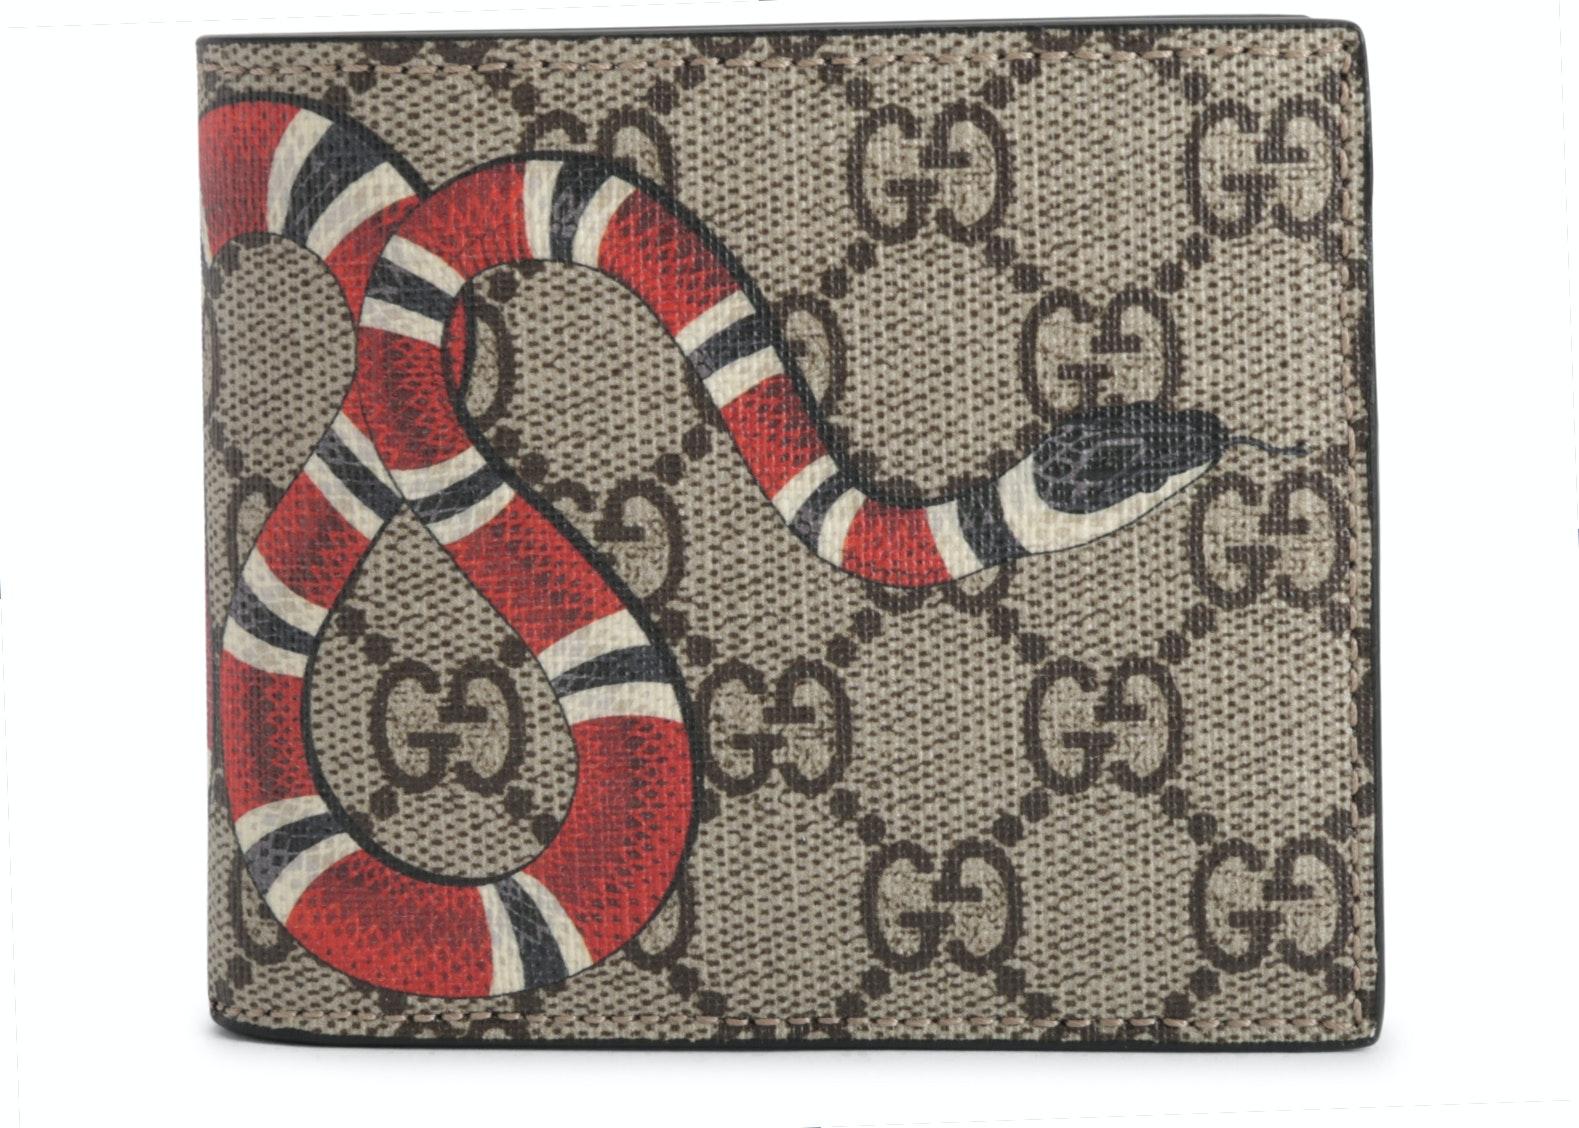 Gucci Bifold Wallet Monogram GG Supreme Kingsnake (8 Card Slots) Beige